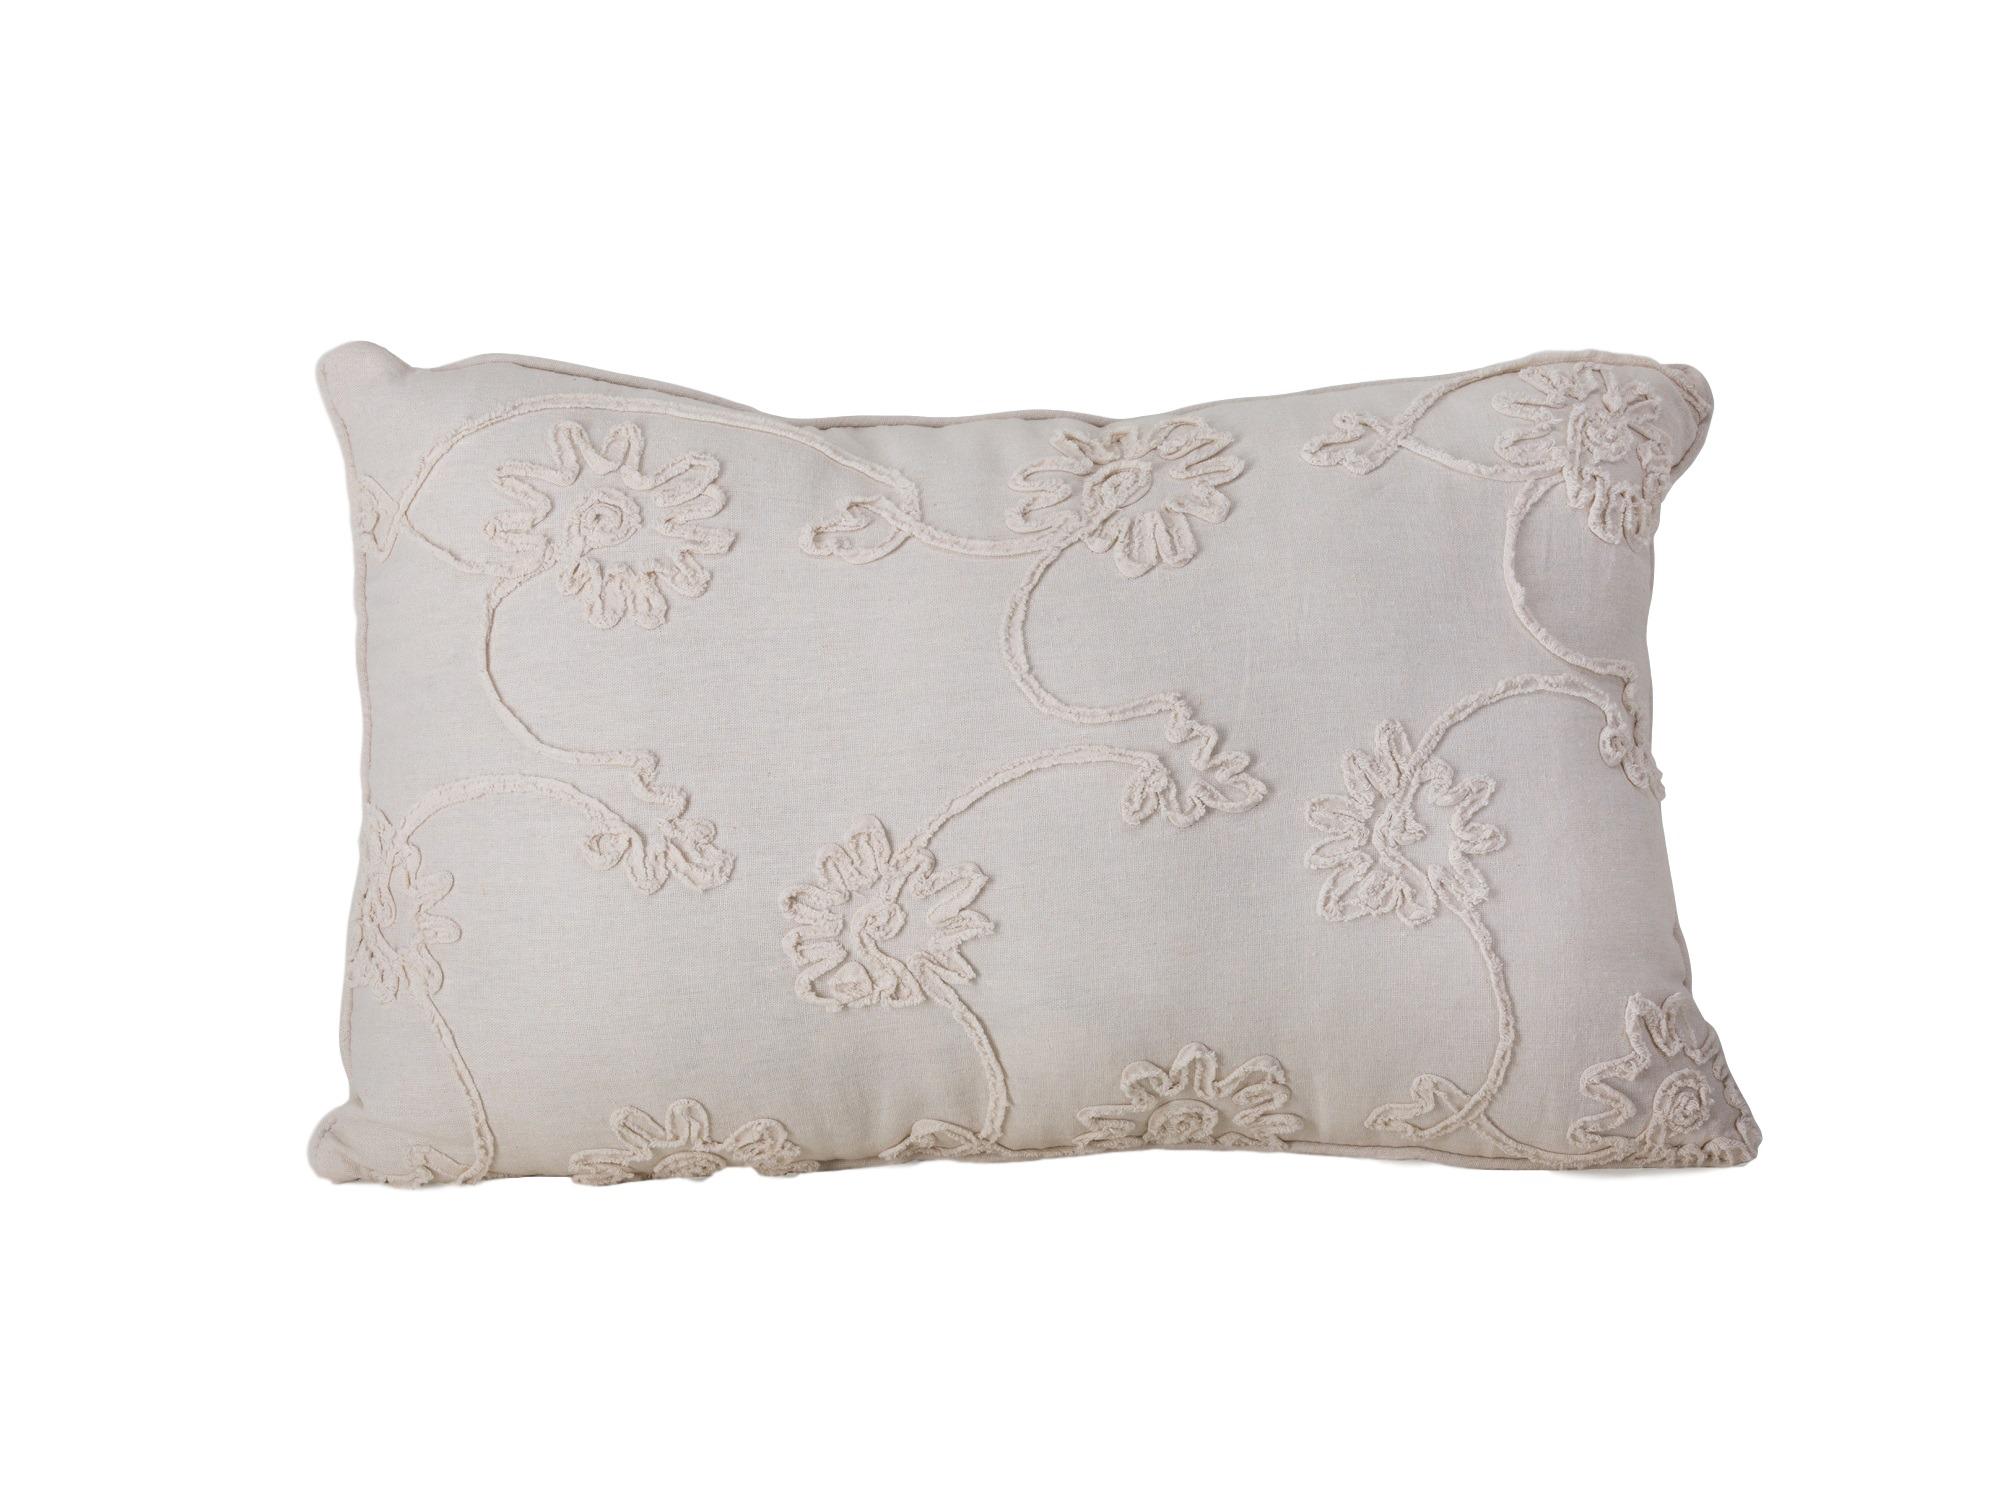 ПодушкаПрямоугольные подушки и наволочки<br>Прямоугольная декоративная подушка белого цвета.<br><br>Material: Текстиль<br>Ширина см: 64<br>Высота см: 39<br>Глубина см: 10